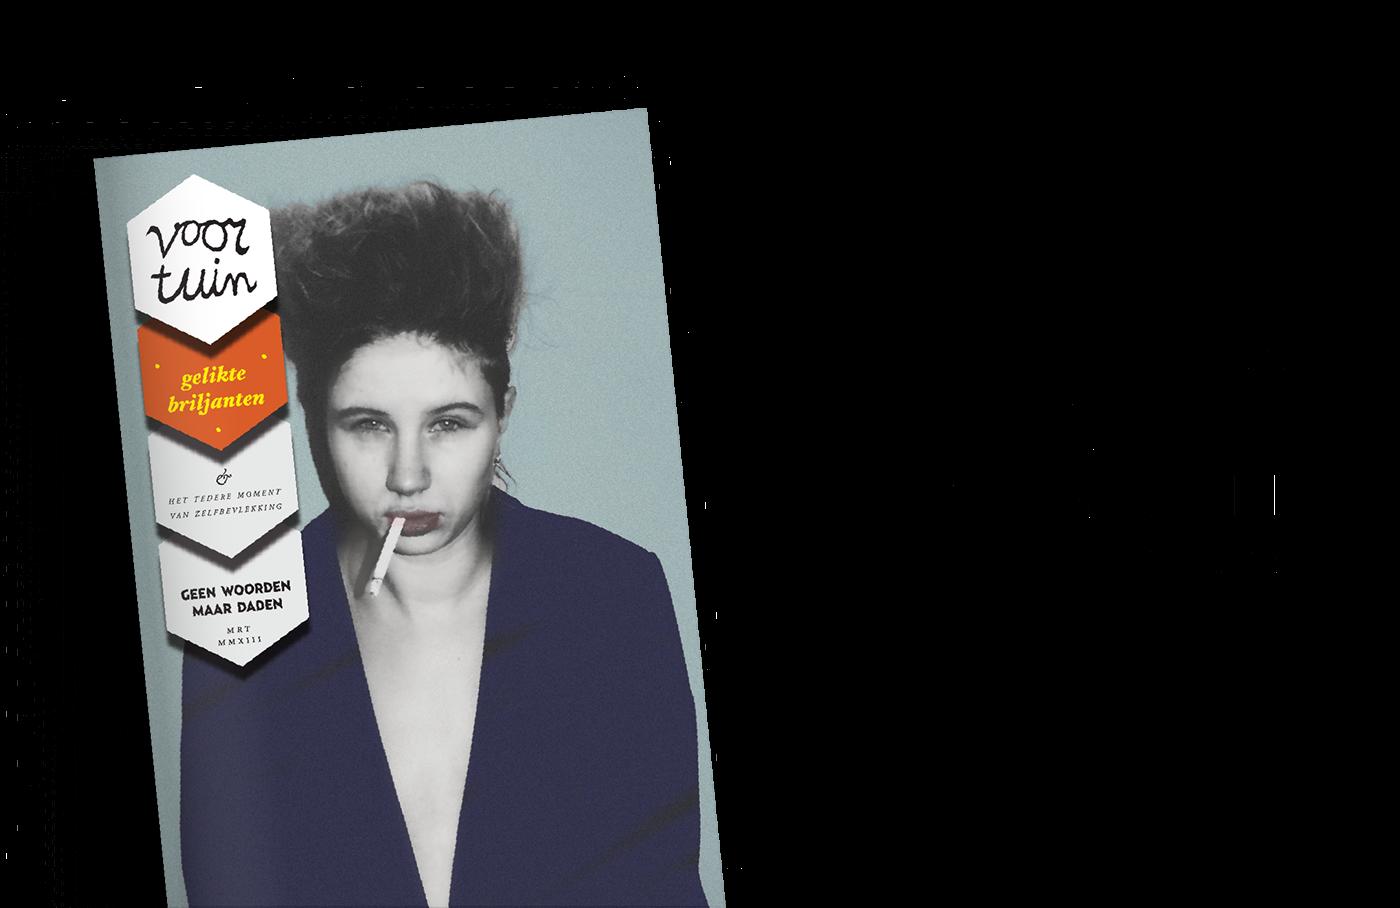 voortuin magazine Zine  Indiemag stack award issue edition